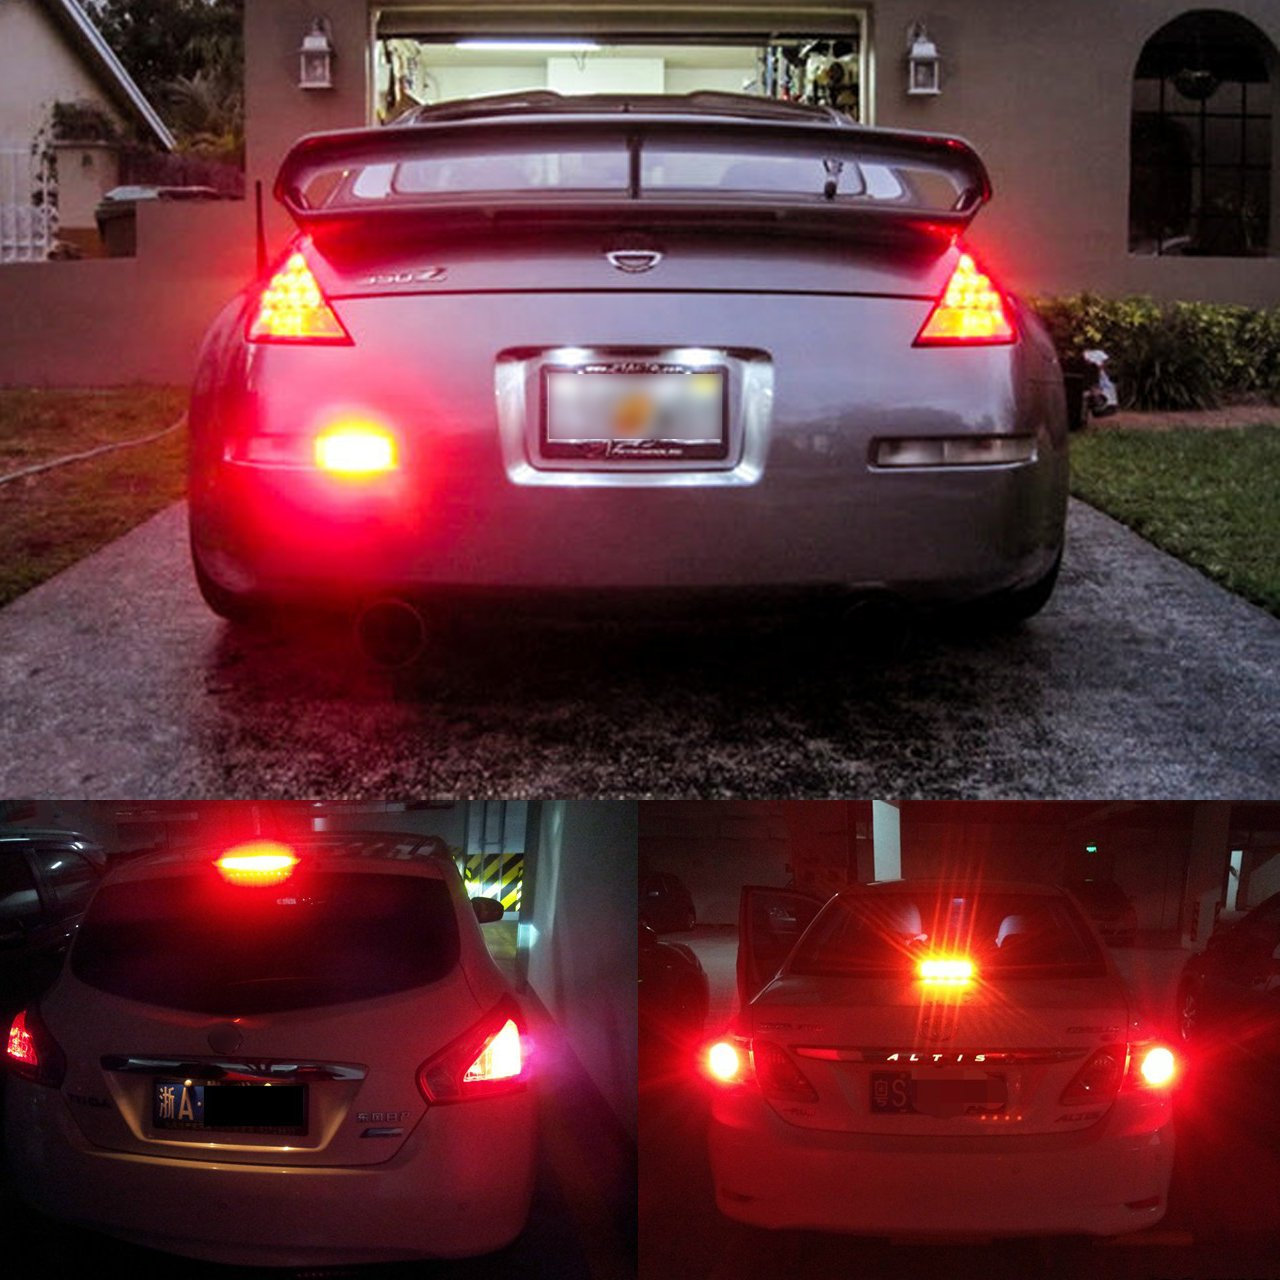 Pack of 2 KATUR 3157 3047 3057 3155 3156 Led Light Bulb 900 Lumens 3014 78SMD Lens LED Bulbs for Brake Turn Signal Tail Backup Reverse Brake Light Lamp,Brilliant Red